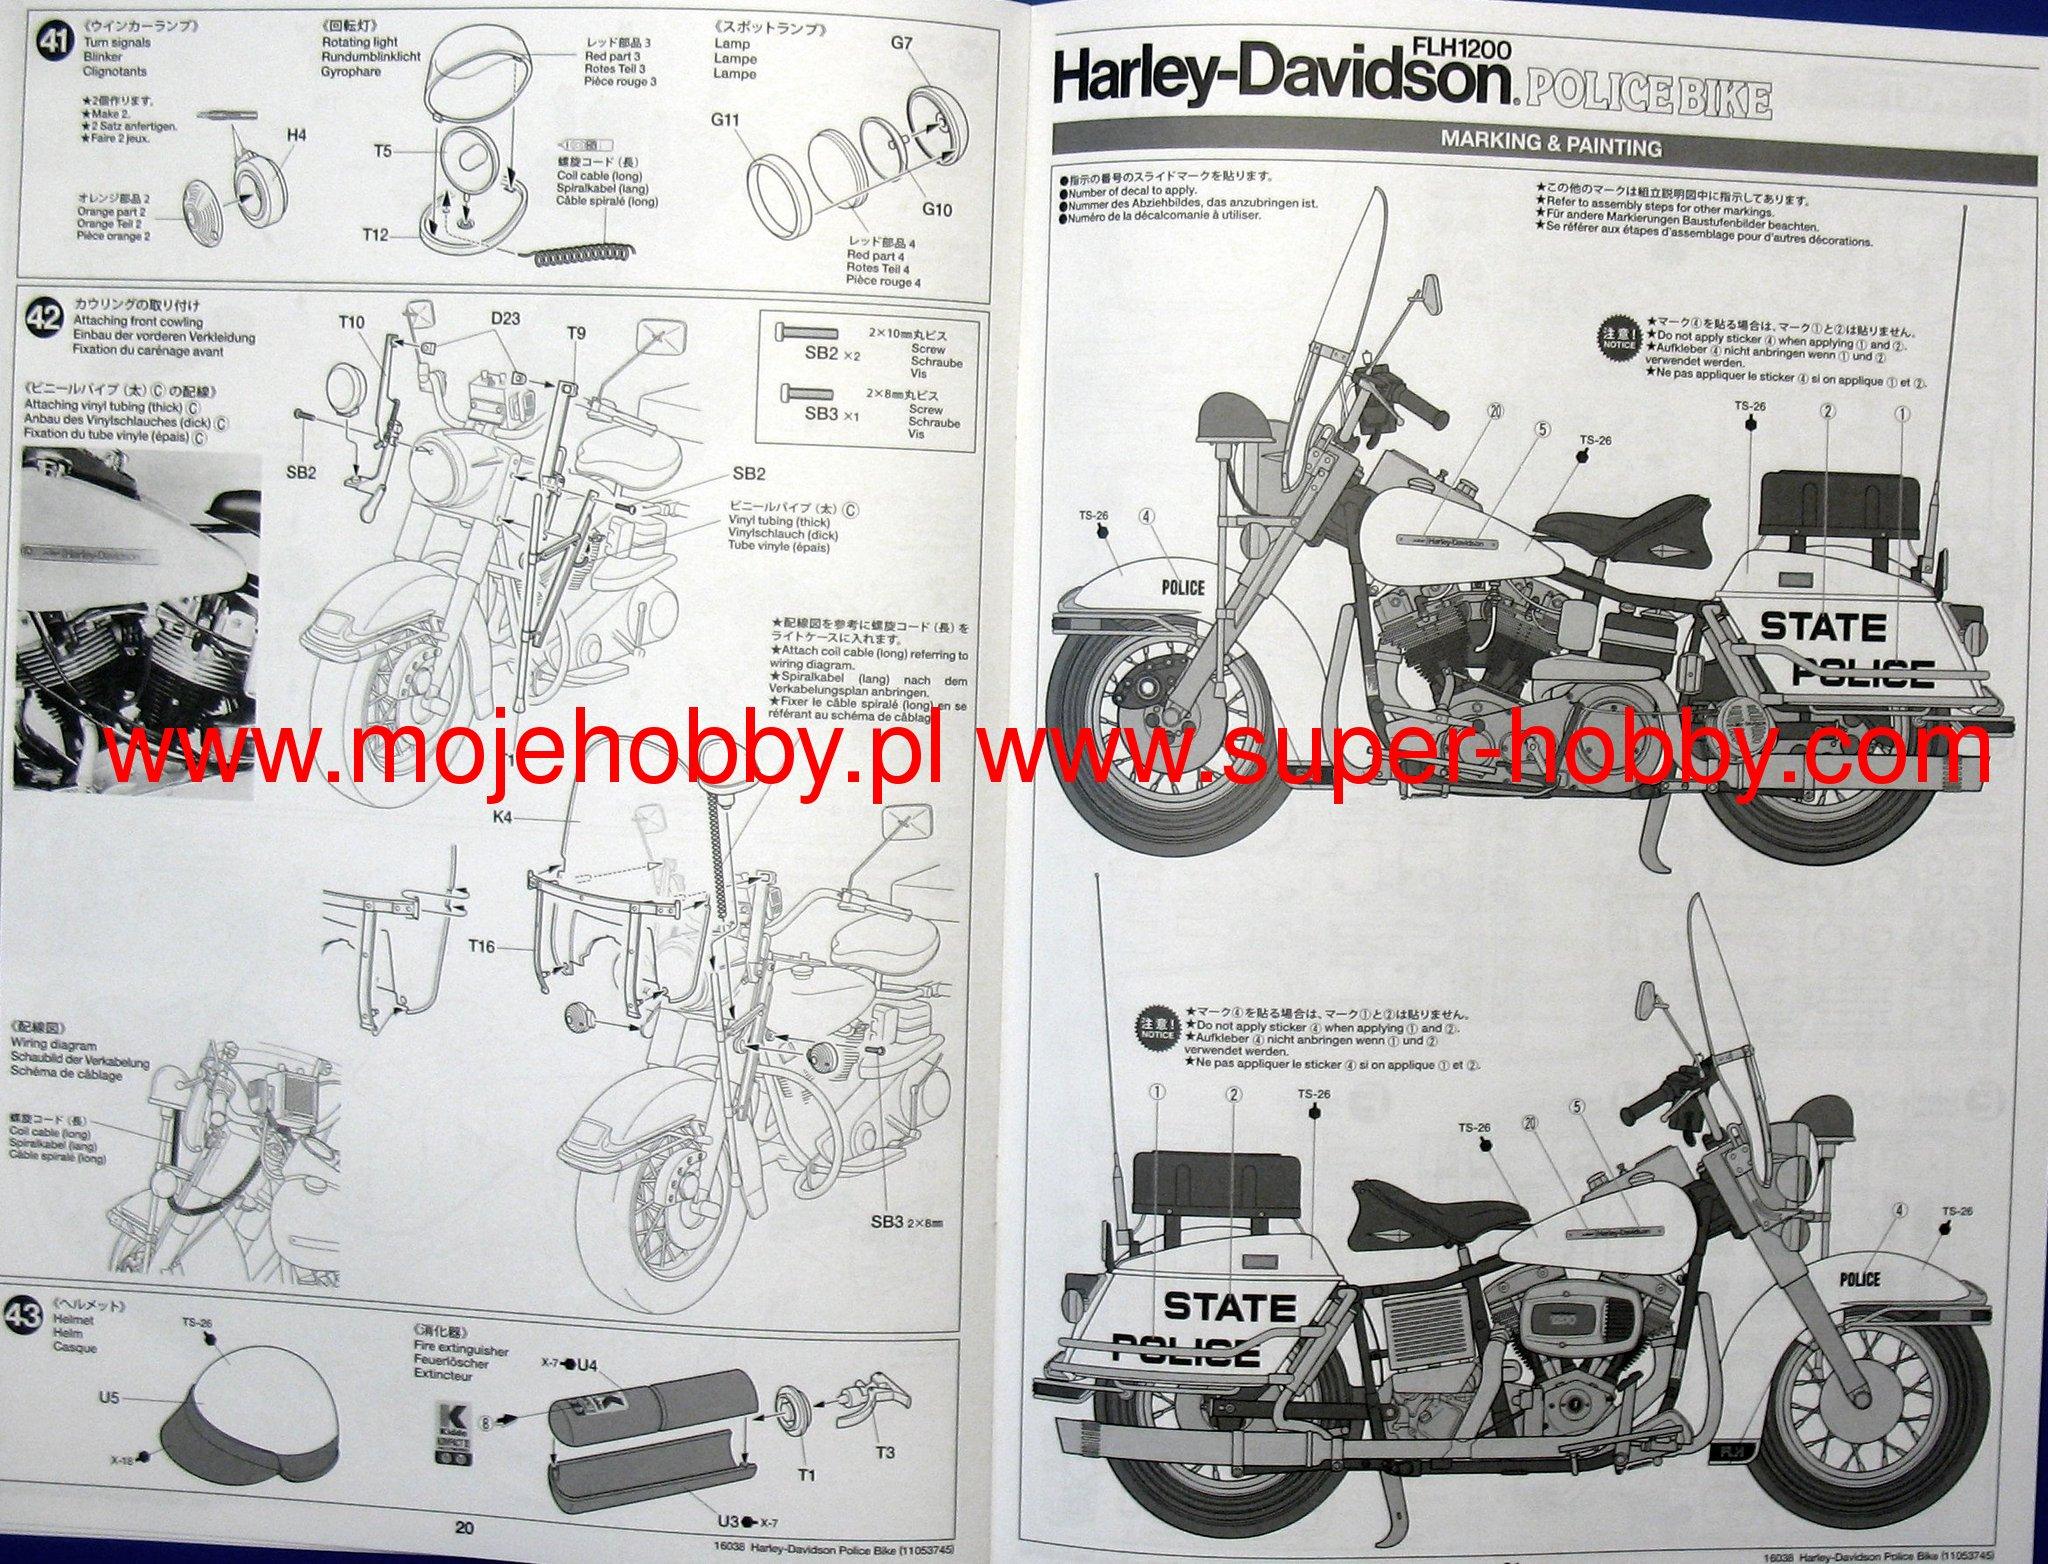 Harley Davidson Flh1200 Police Bike Tamiya 16038 Lang Wiring Diagram 2 Rev16038 12